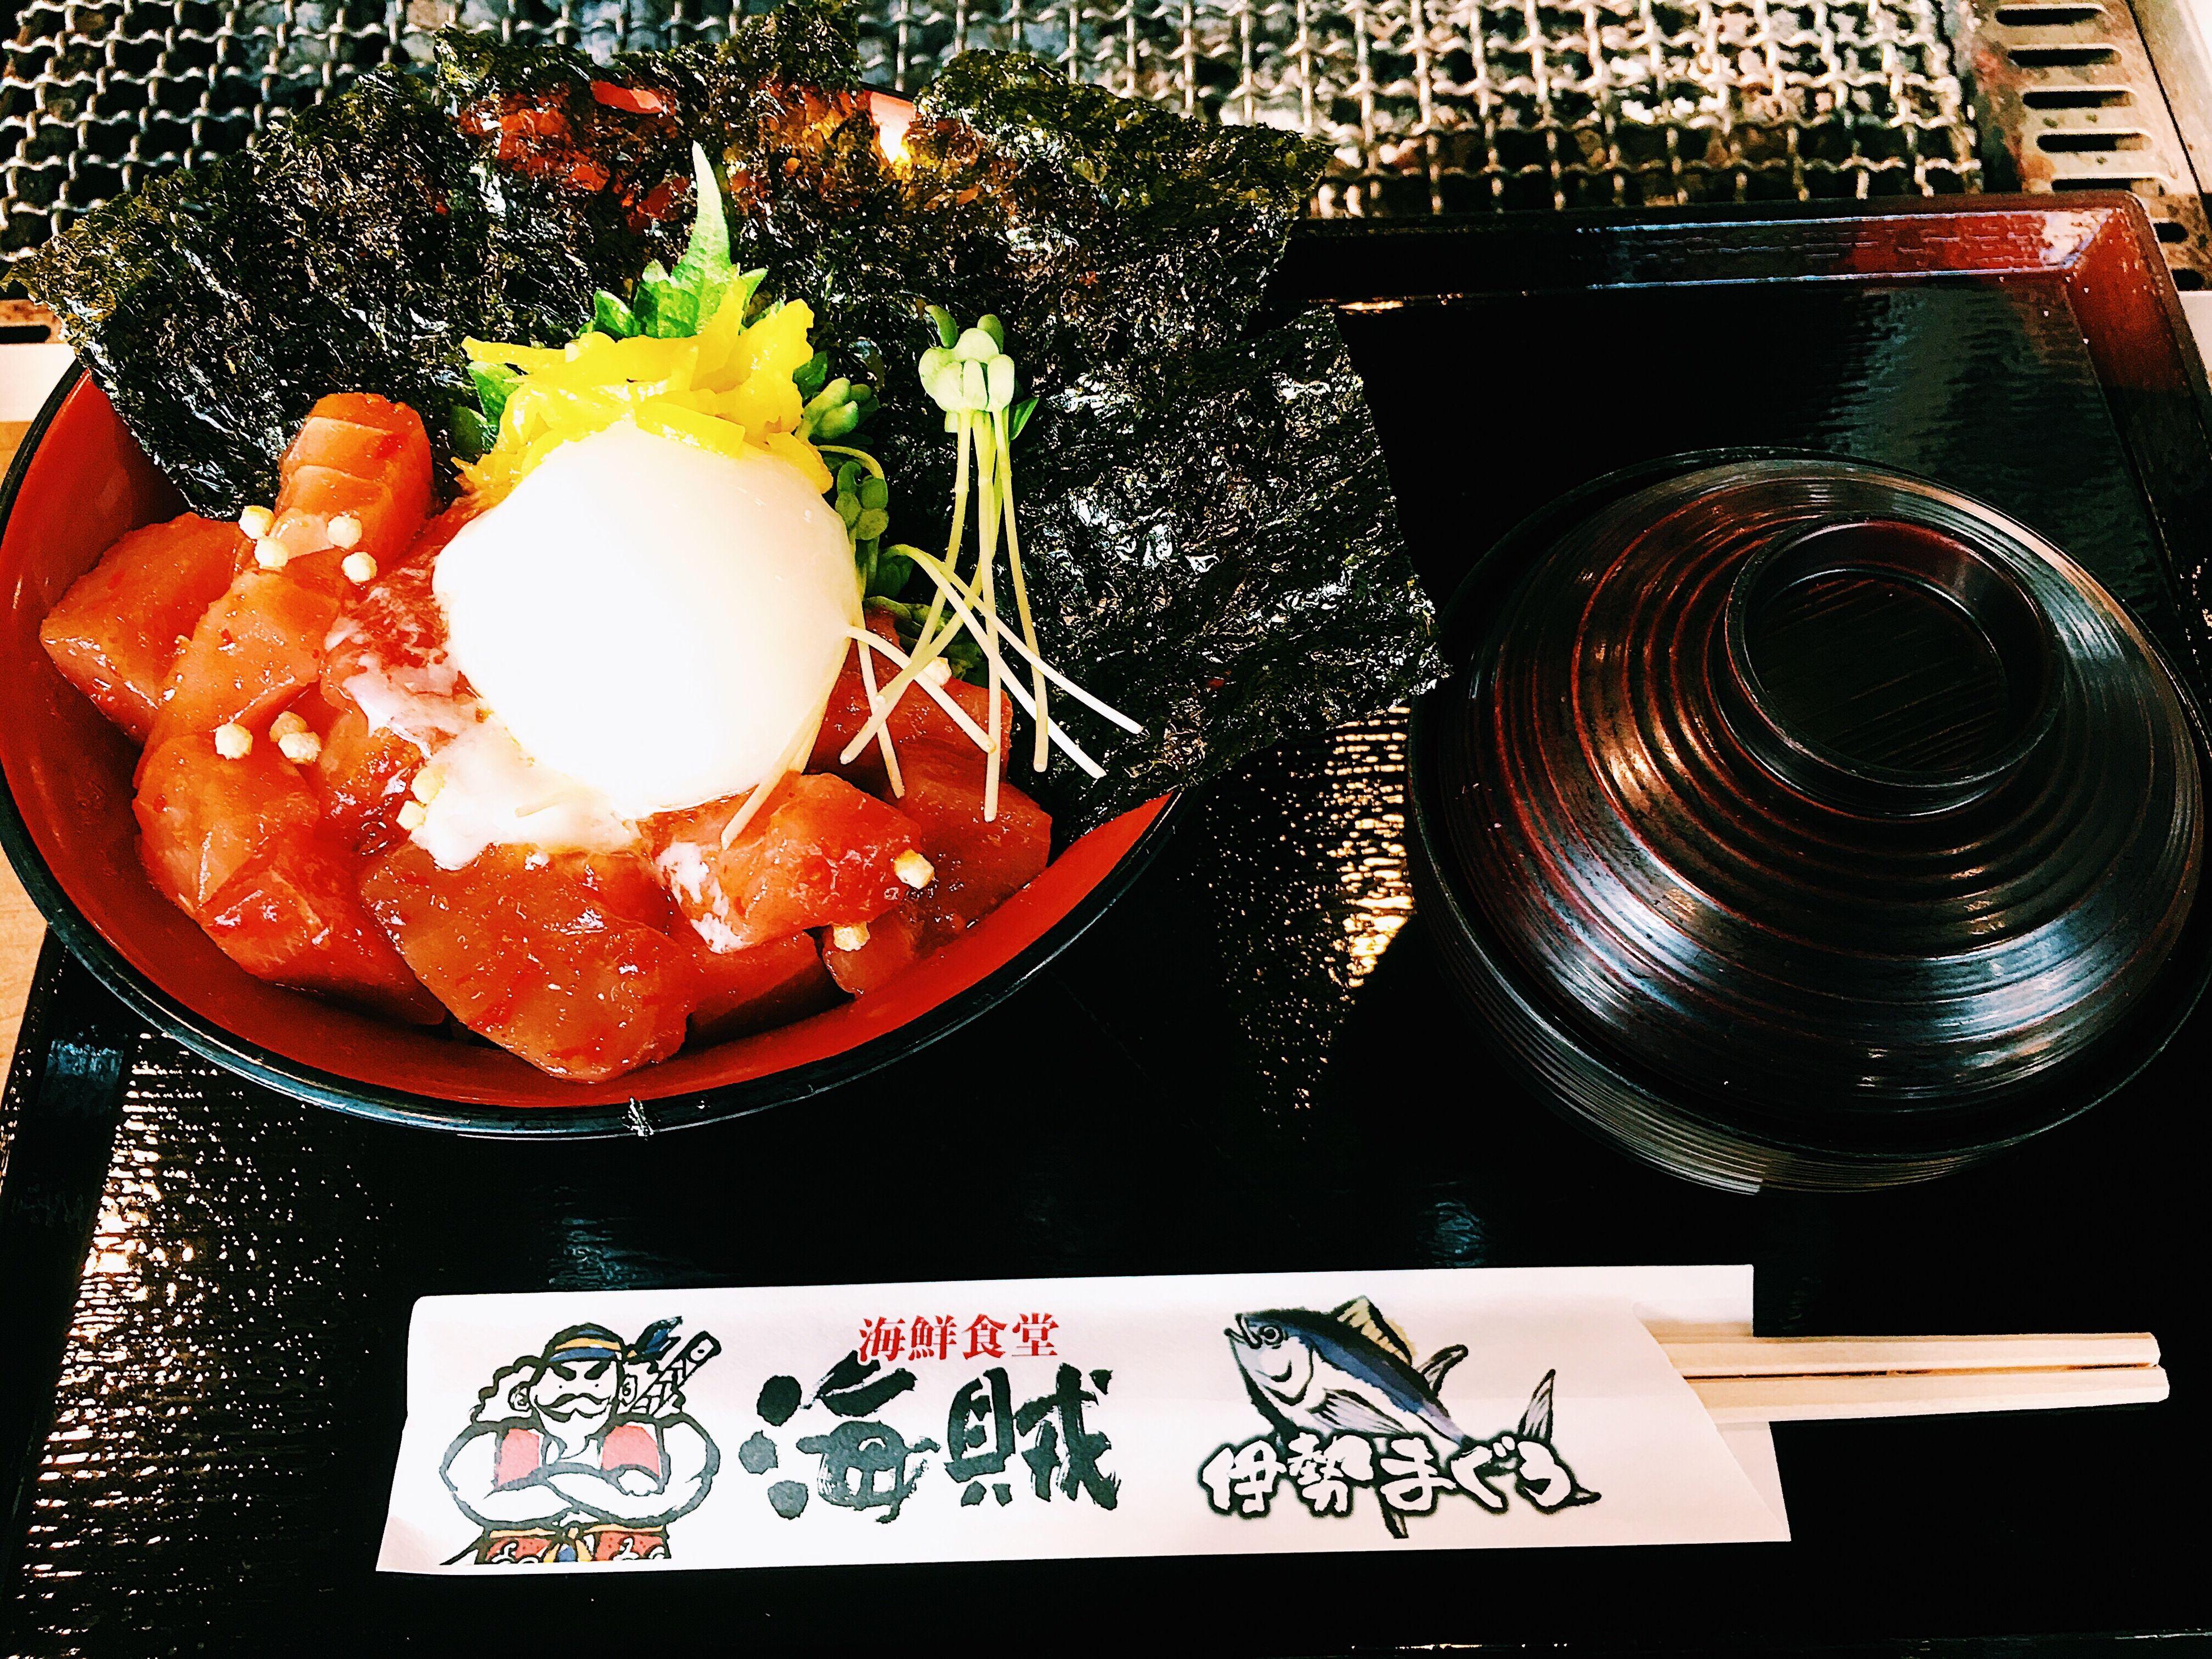 サーモンユッケ丼 サーモン 海鮮丼 海鮮 海鮮食堂海賊 Yummy Japan Japanese Food Food Happy